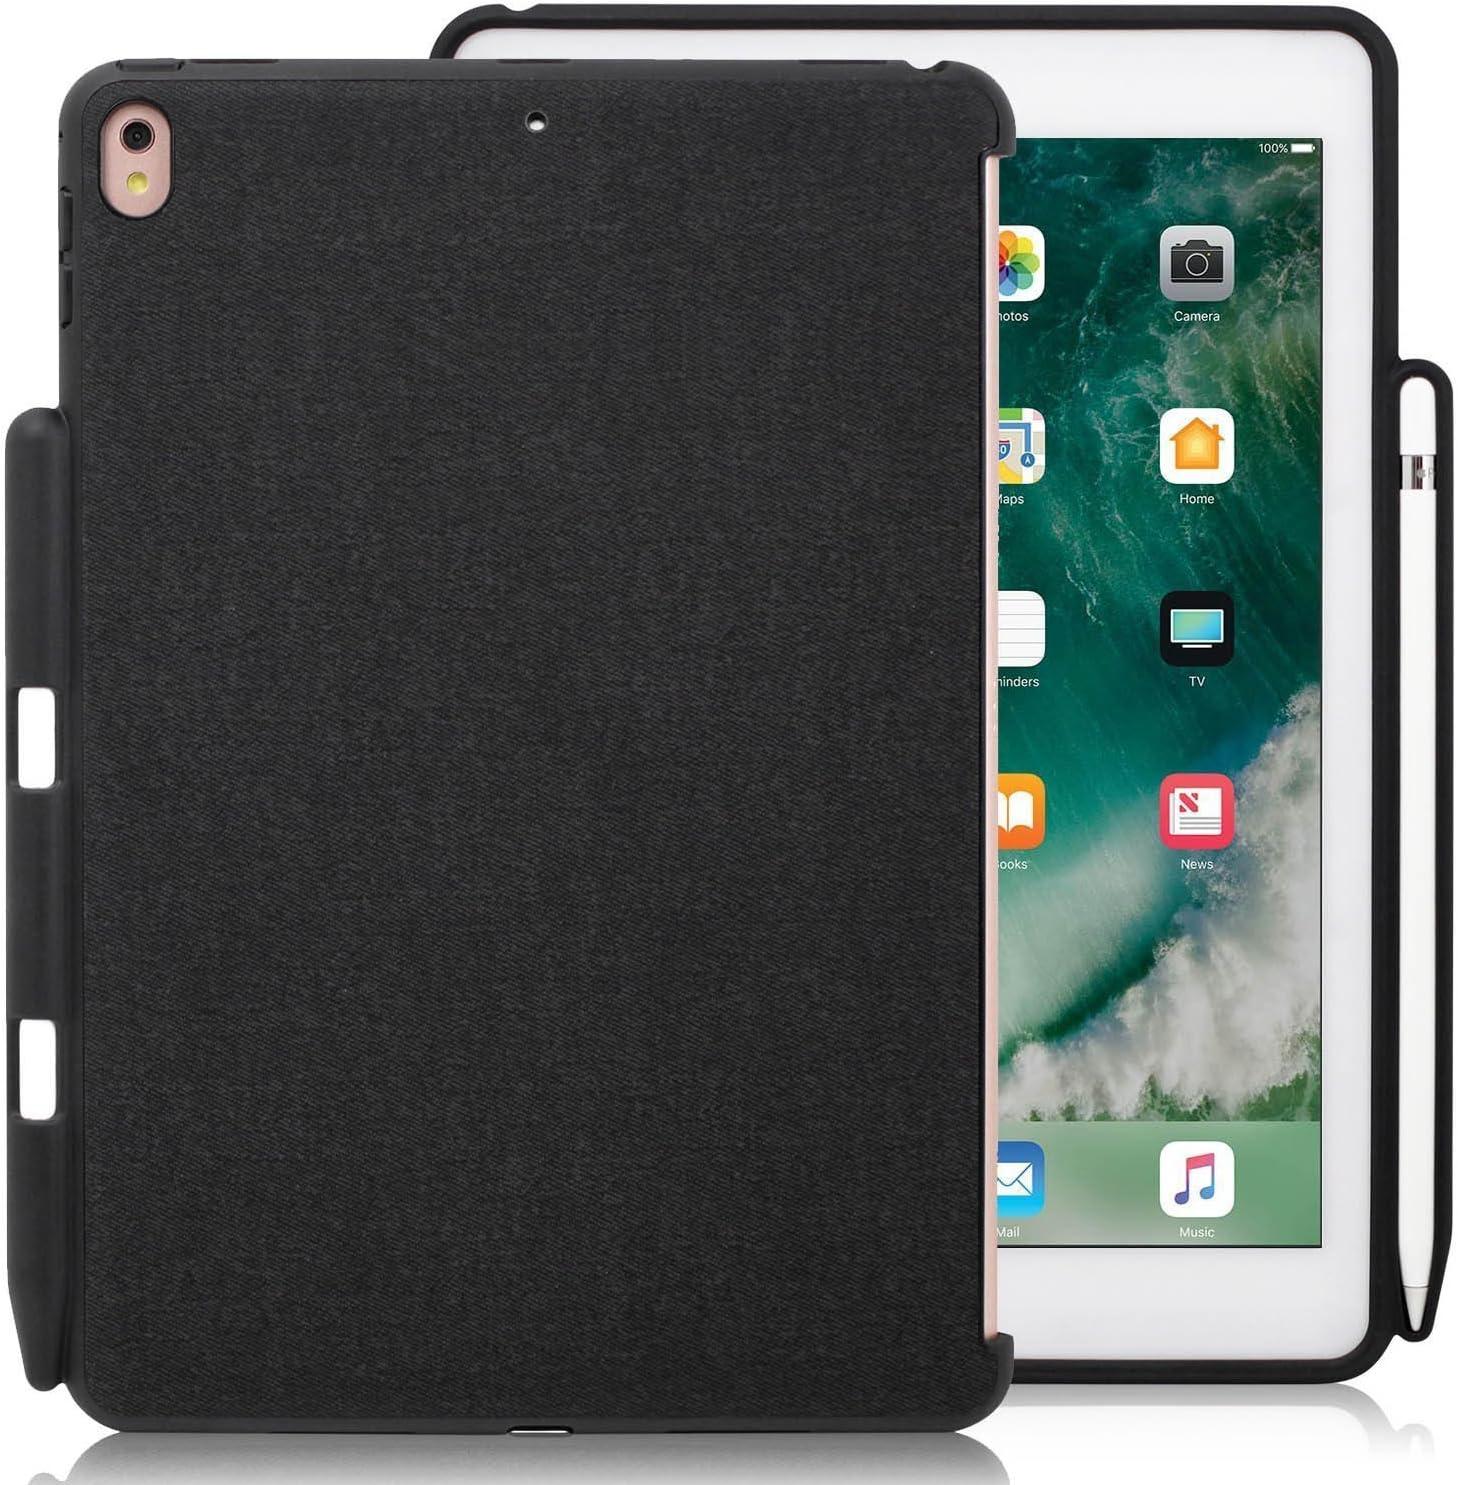 KHOMO Carcasa Trasera Funda para Apple iPad Pro 9,7 Pulgadas - Compatible con Smart Keyboard y Smart Cover - Soporte para Apple Pencil - iPad Pro 9,7 ...